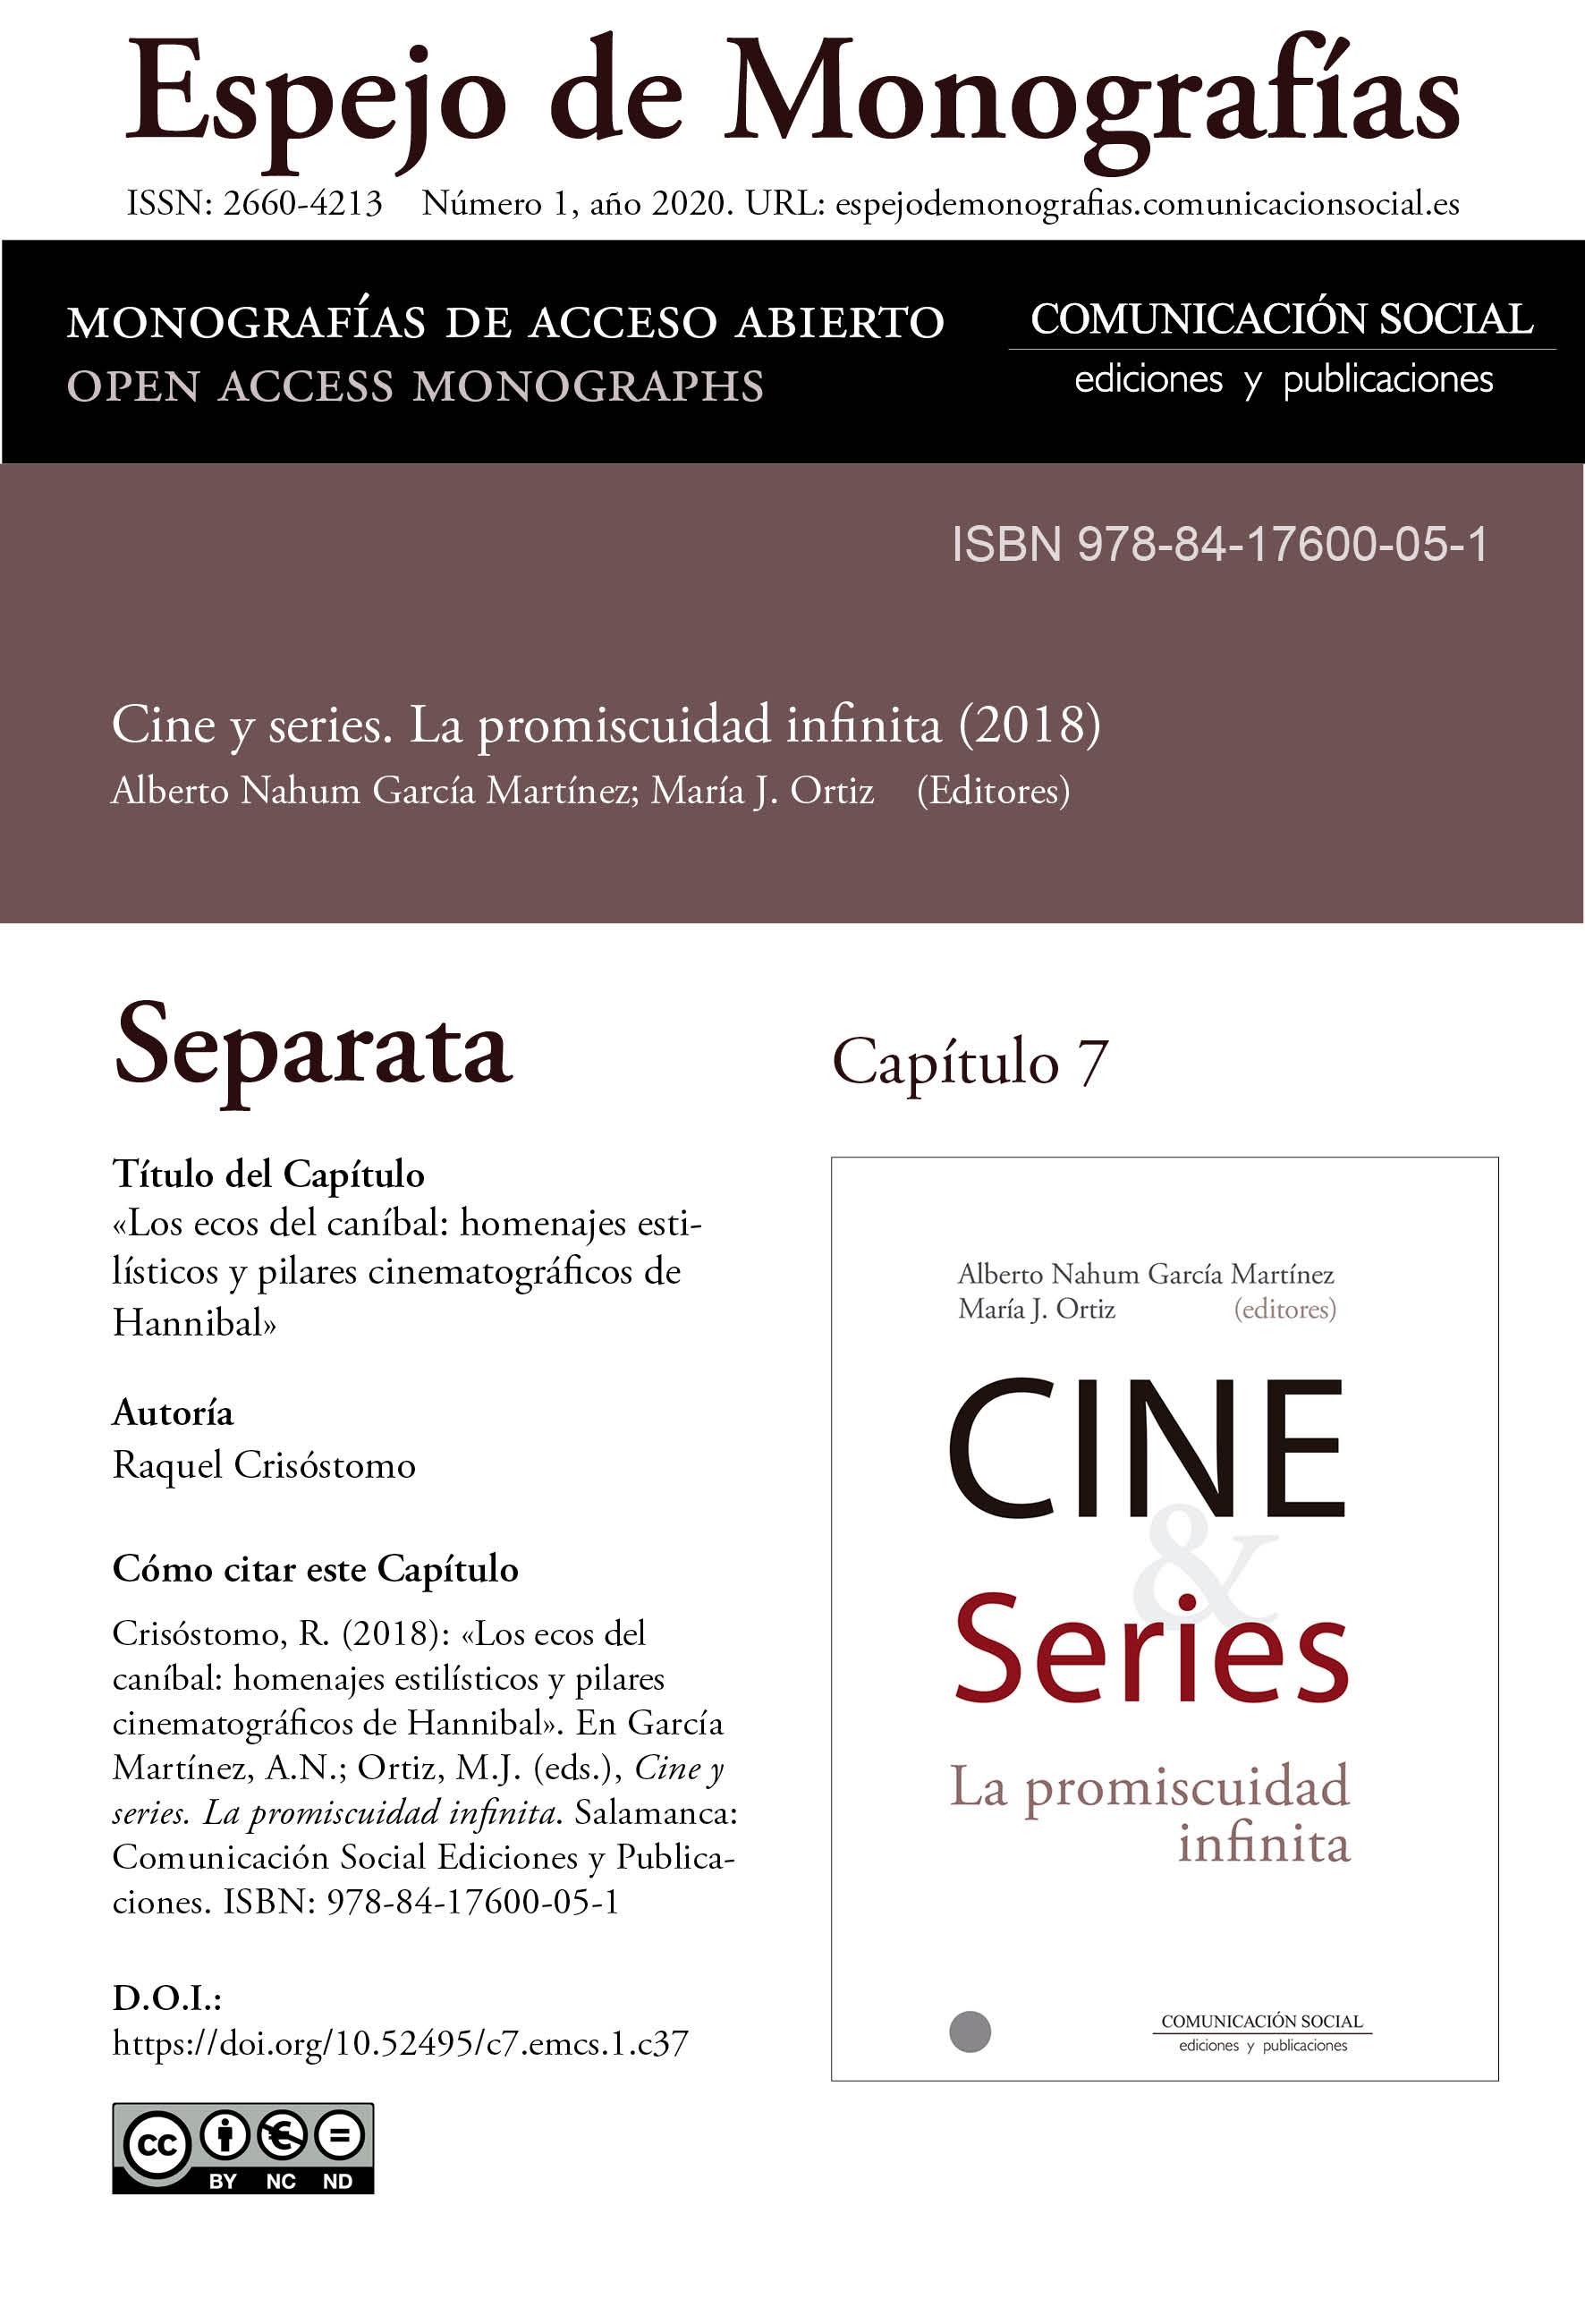 Separata del Capítulo 7 correspondiente a la monografía Cine y series: la promiscuidad infinita